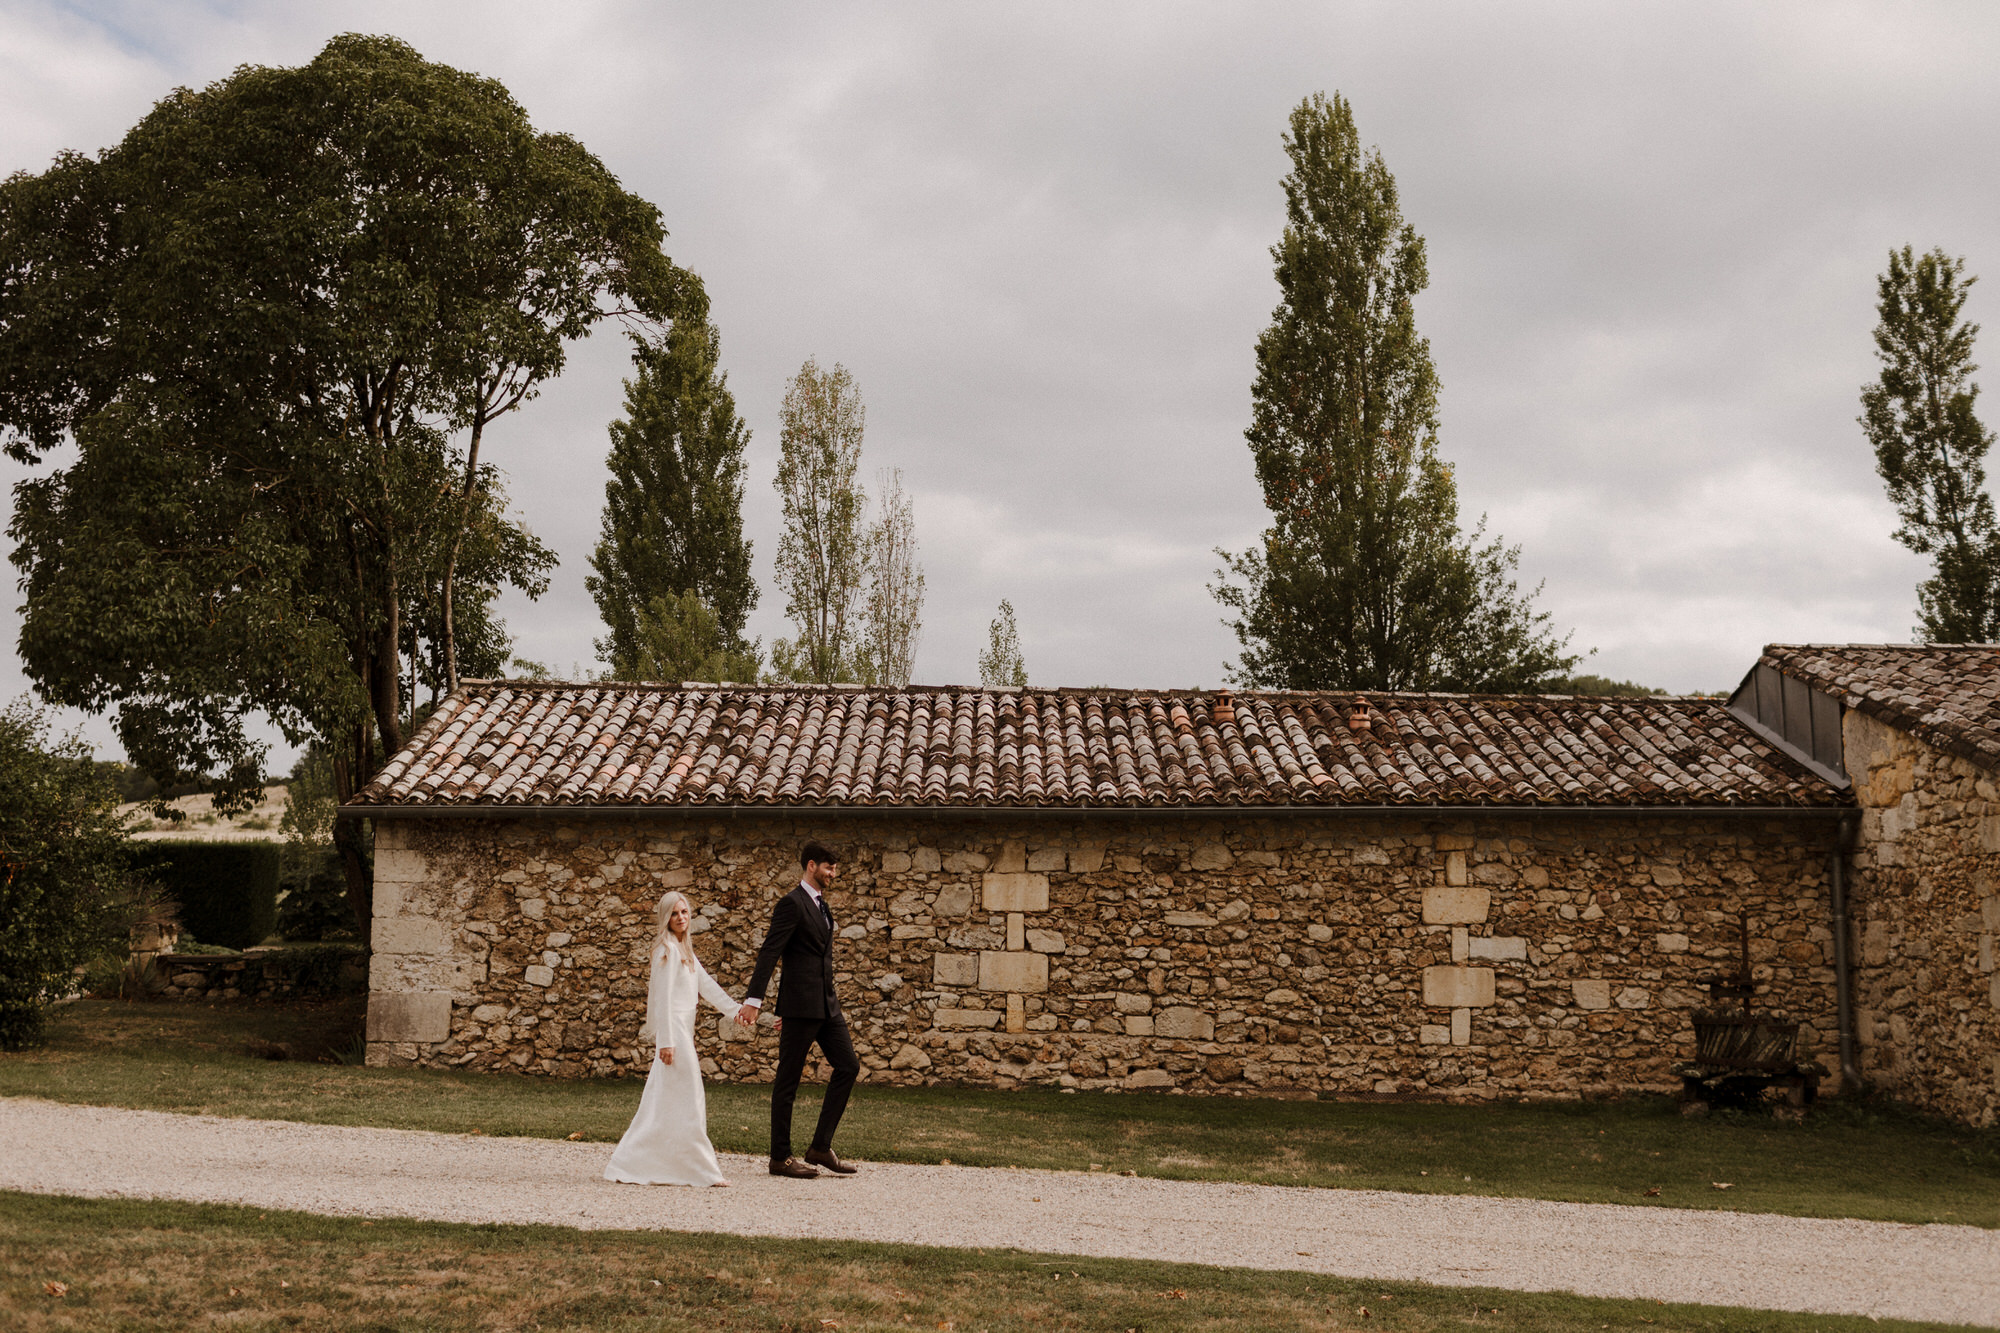 Chateau Rigaud Wedding Photography 17-35-38-CQ2A3756-R+L.jpg